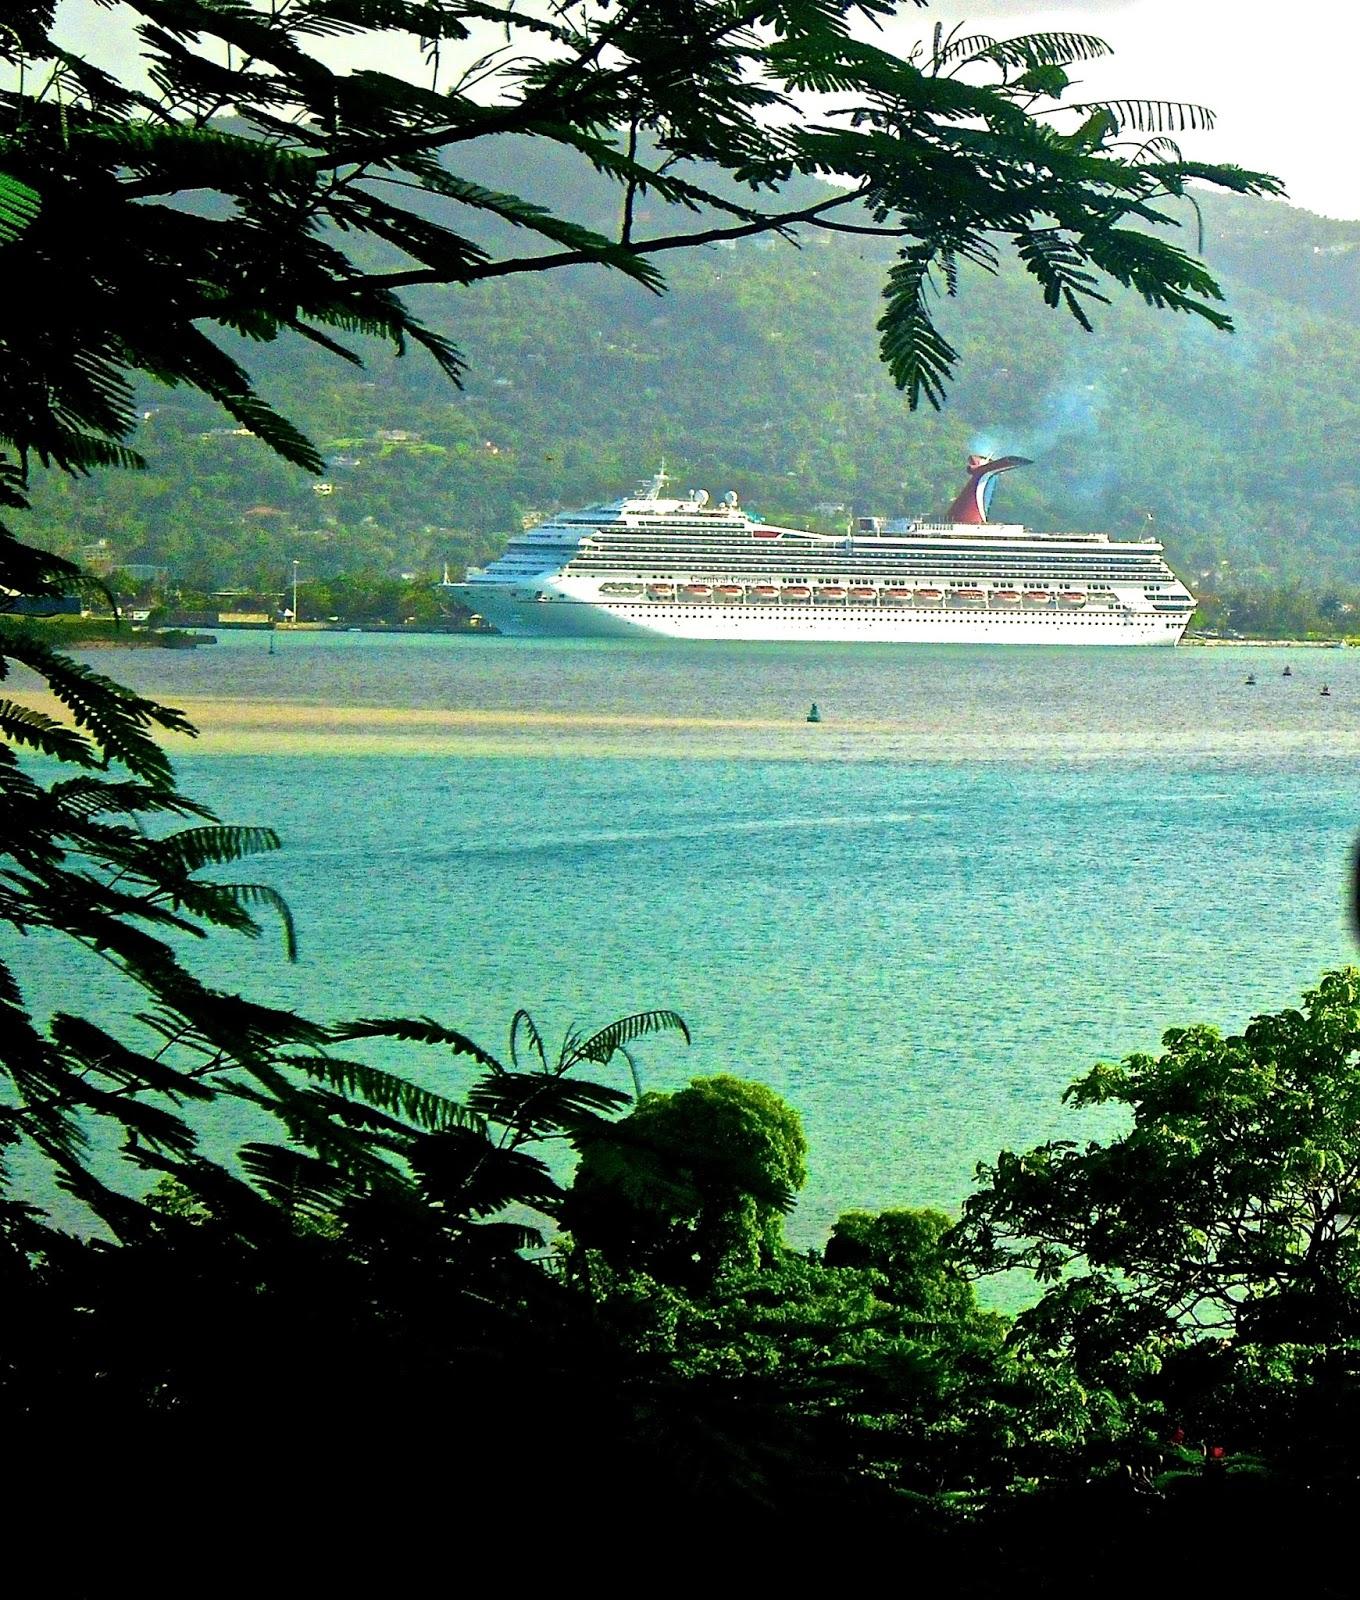 Our cruise through the Caribbean.